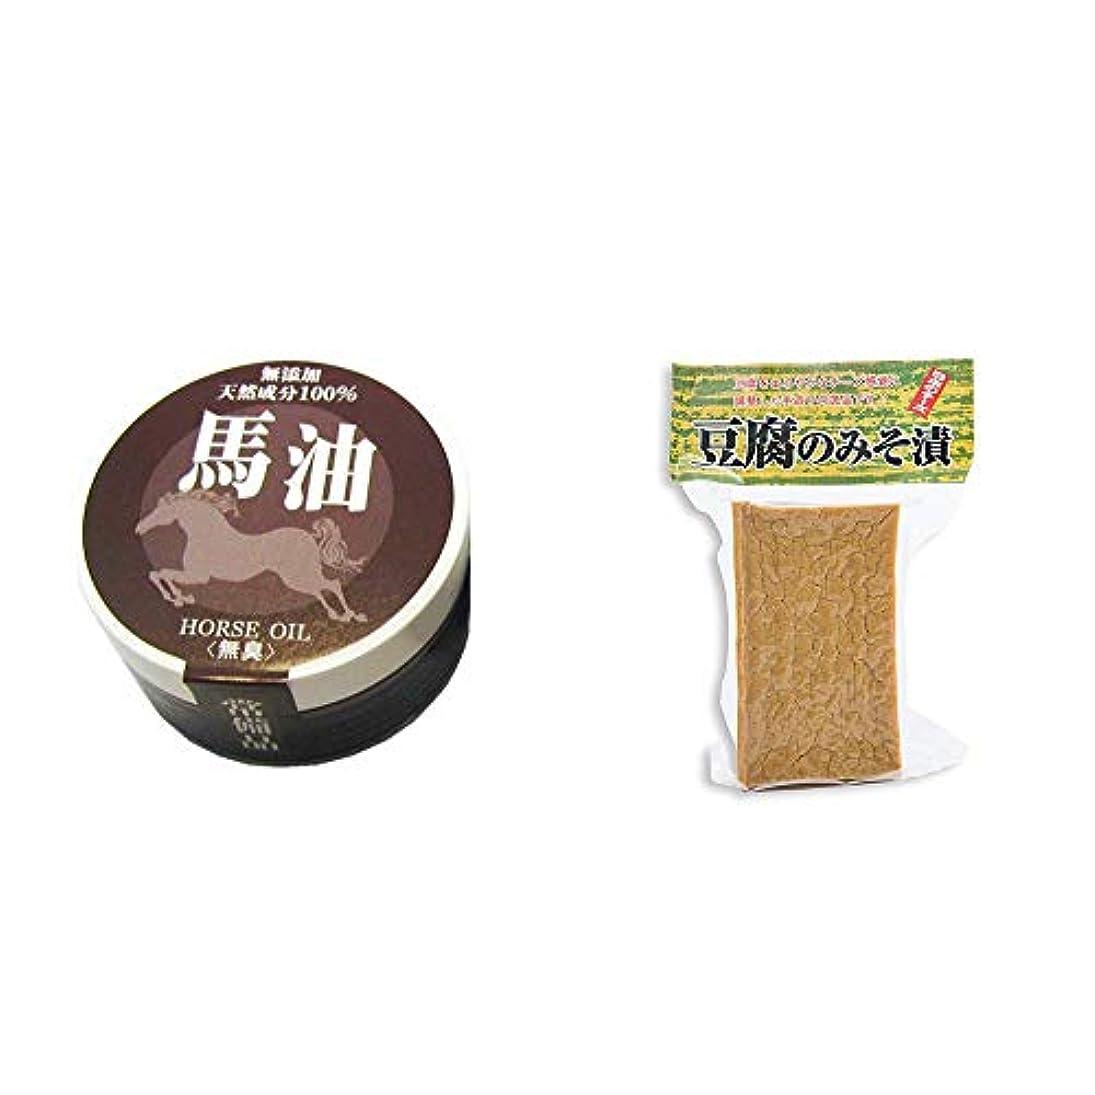 グラフィックエージェント信念[2点セット] 無添加天然成分100% 馬油[無香料](38g)?日本のチーズ 豆腐のみそ漬(1個入)